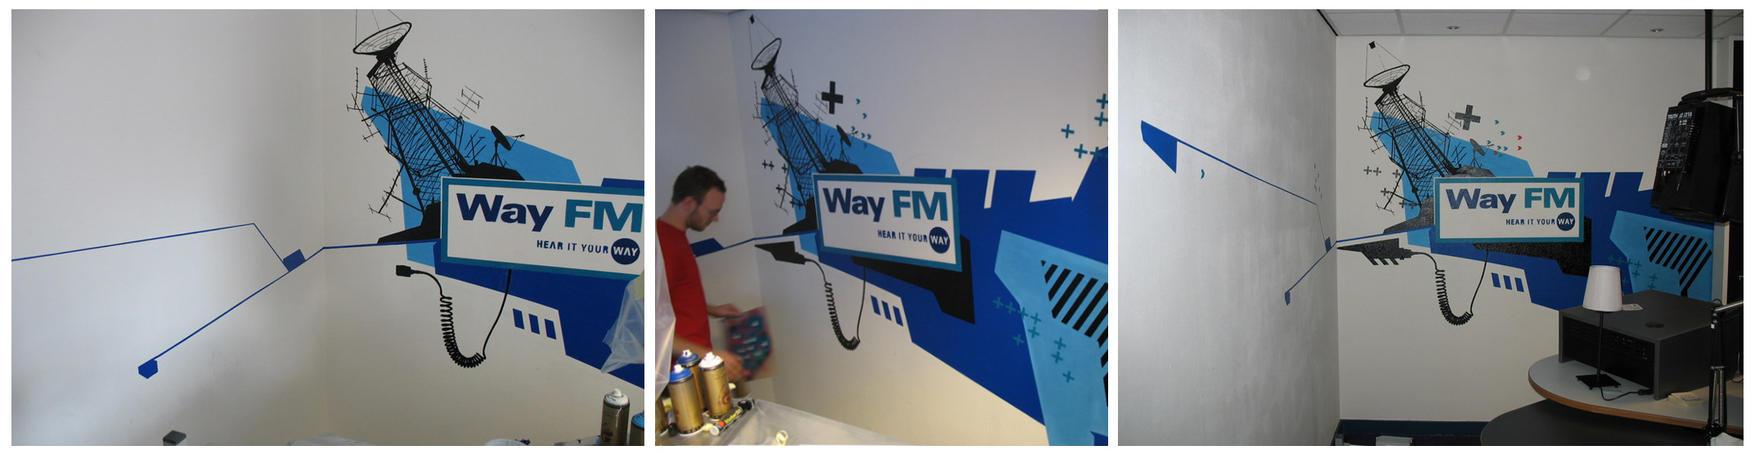 way fm mural by patswerk